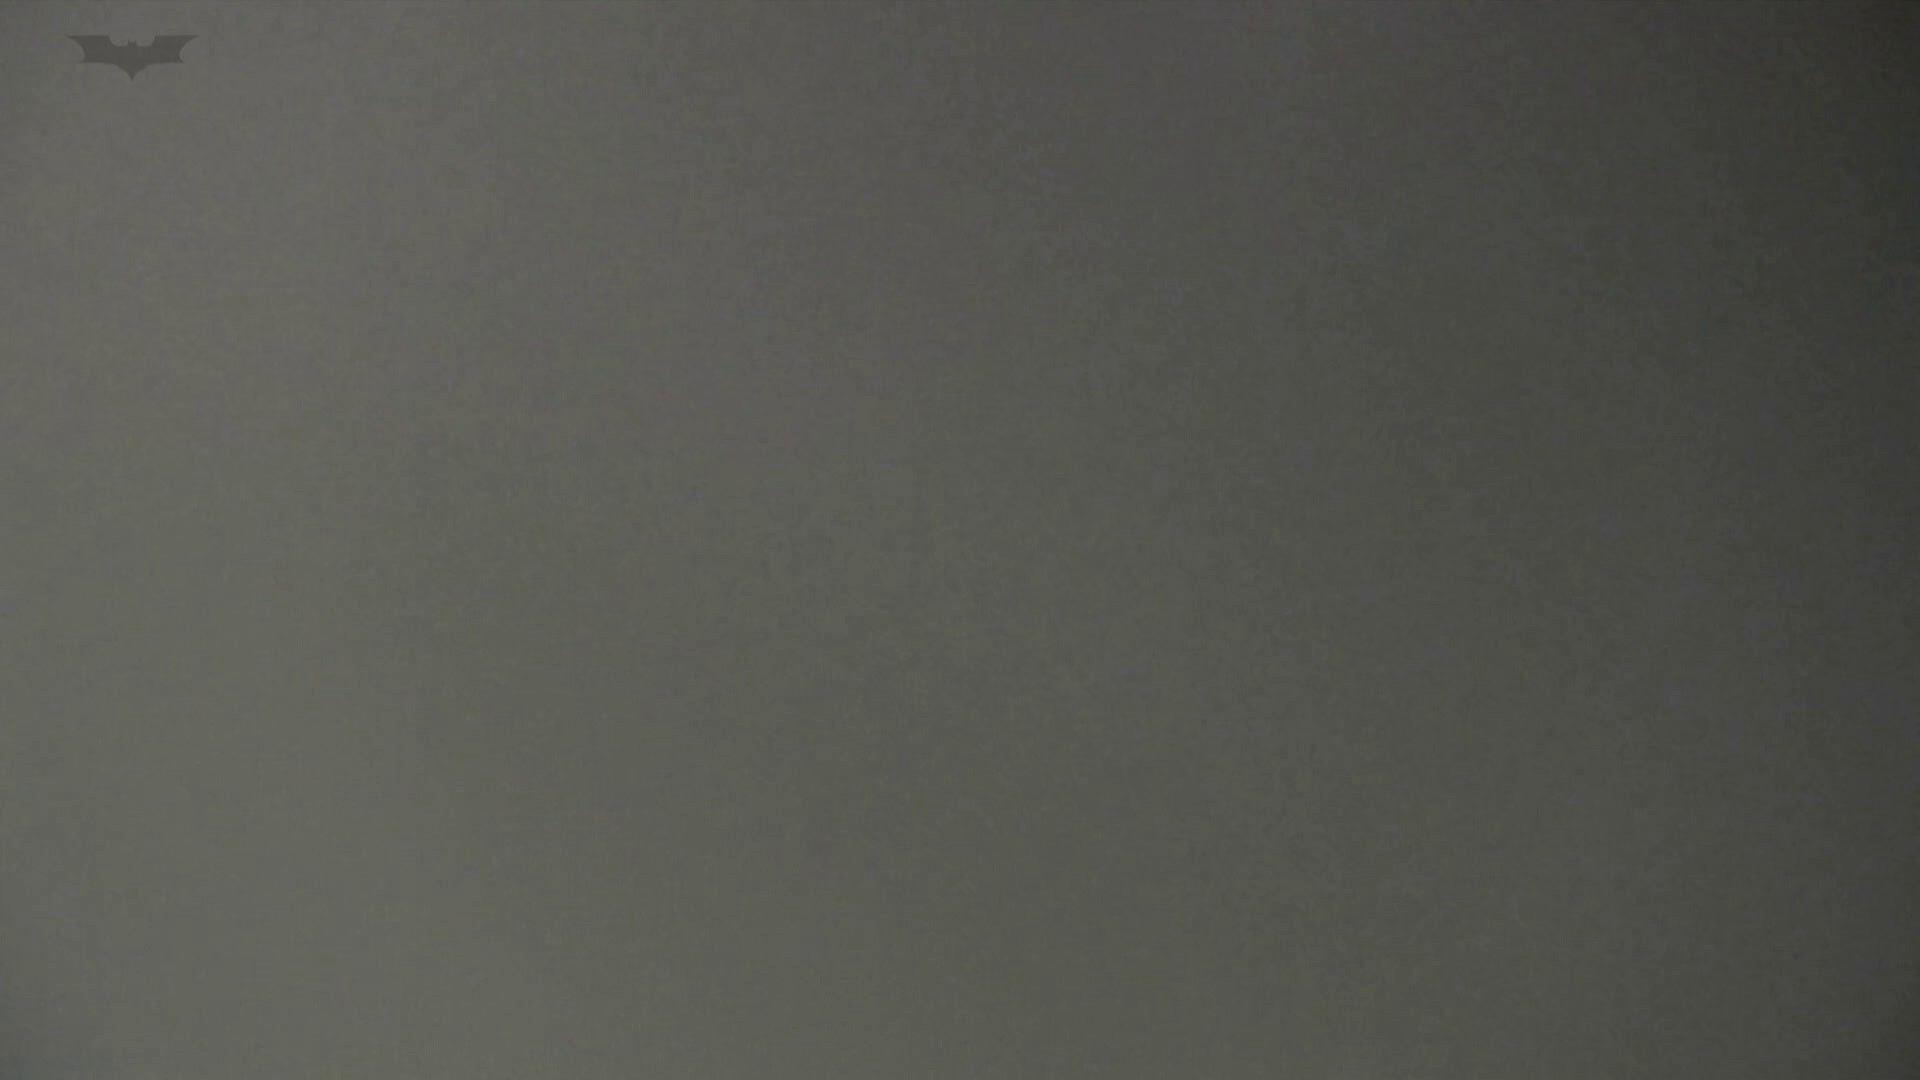 なんだこれVol.12 美魔女登場、 HD万歳!! 違いが判る映像美!! エロくん潜入 おまんこ無修正動画無料 102連発 89